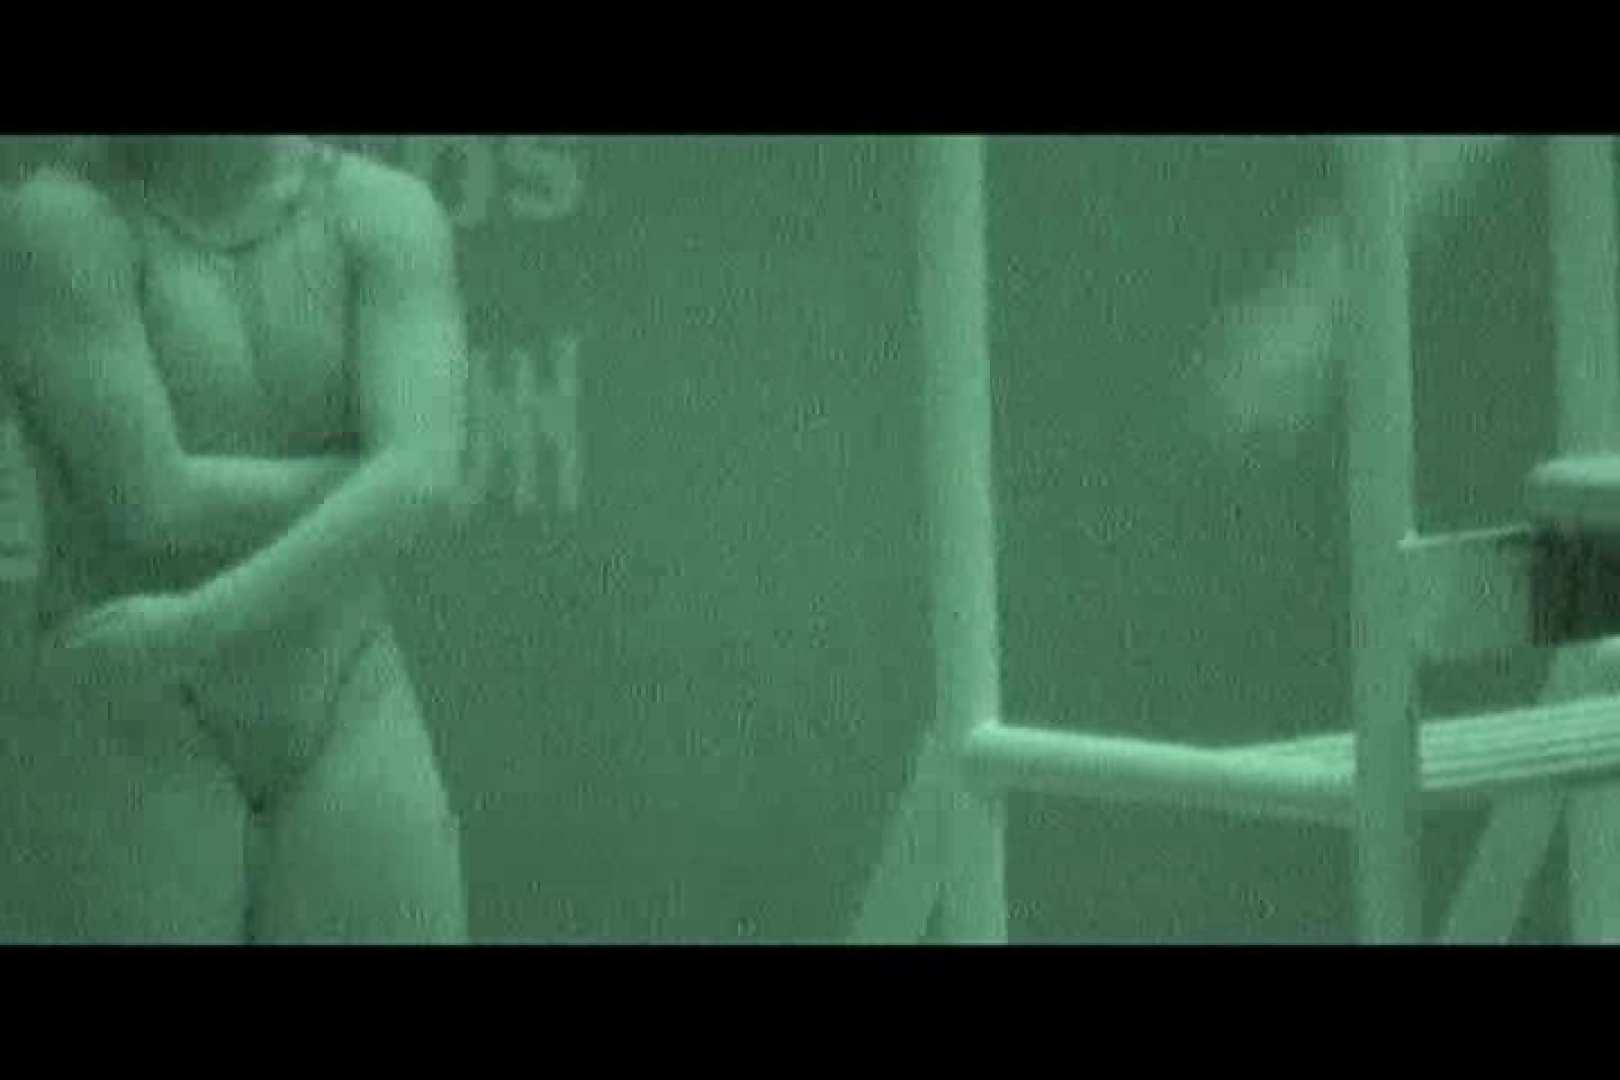 びっくり!スケスケ水着Vol.9 OL女体   水着  80連発 5